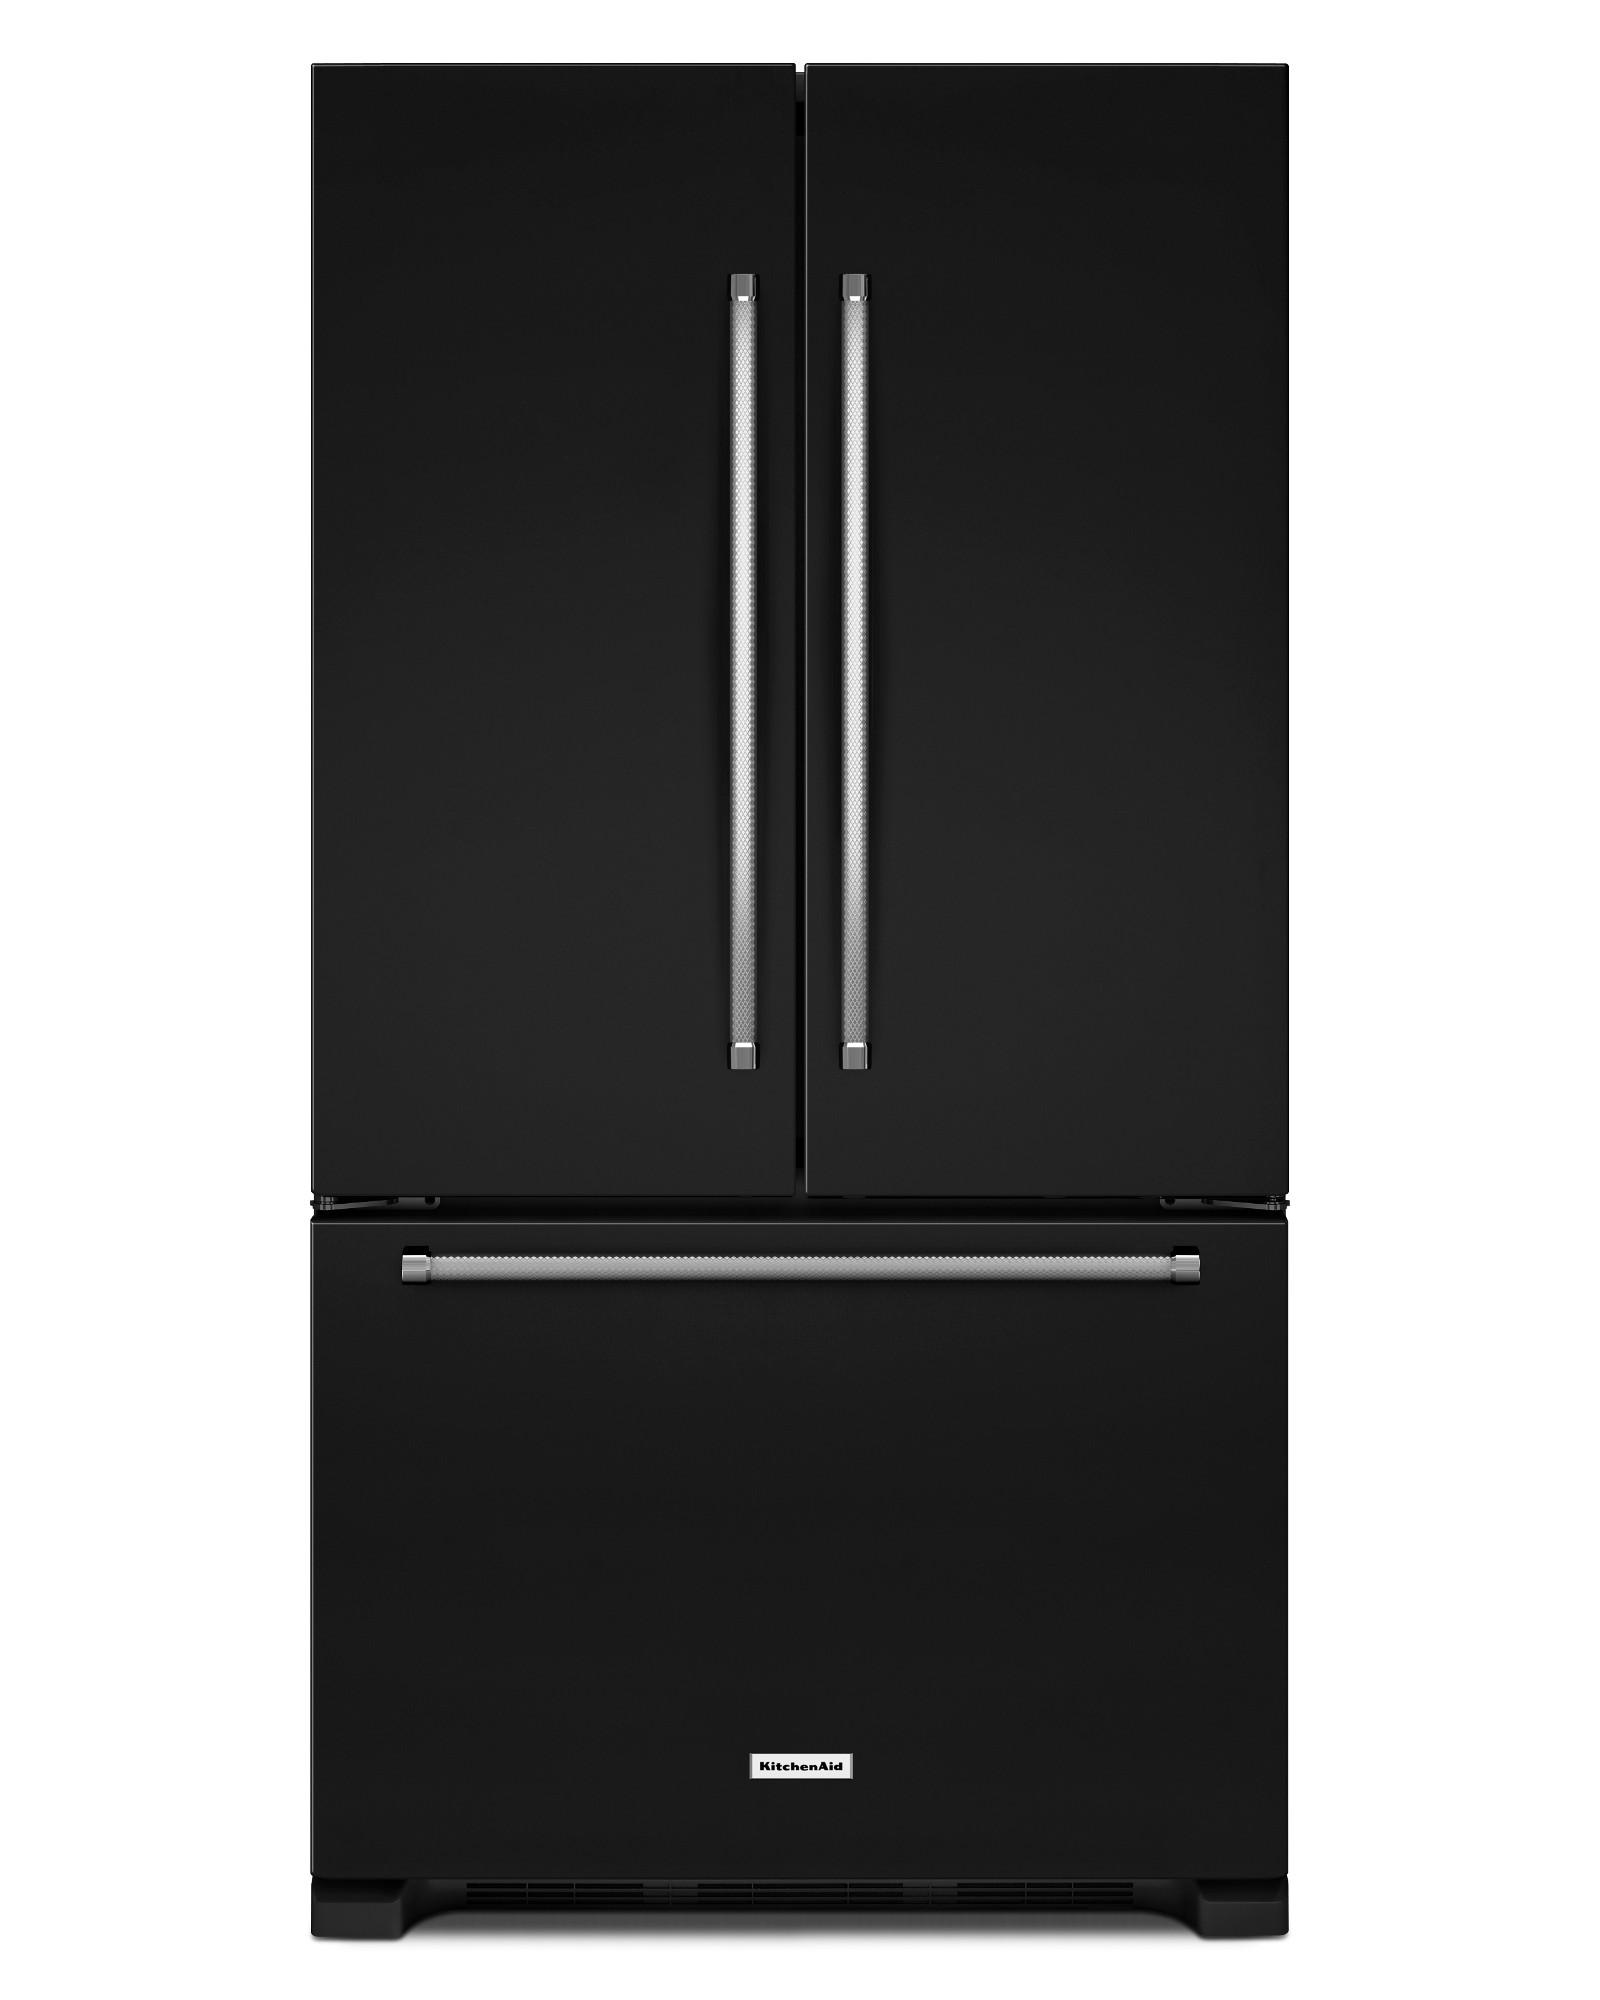 KitchenAid KRFC300EBL 20 cu ft Counter Depth French Door